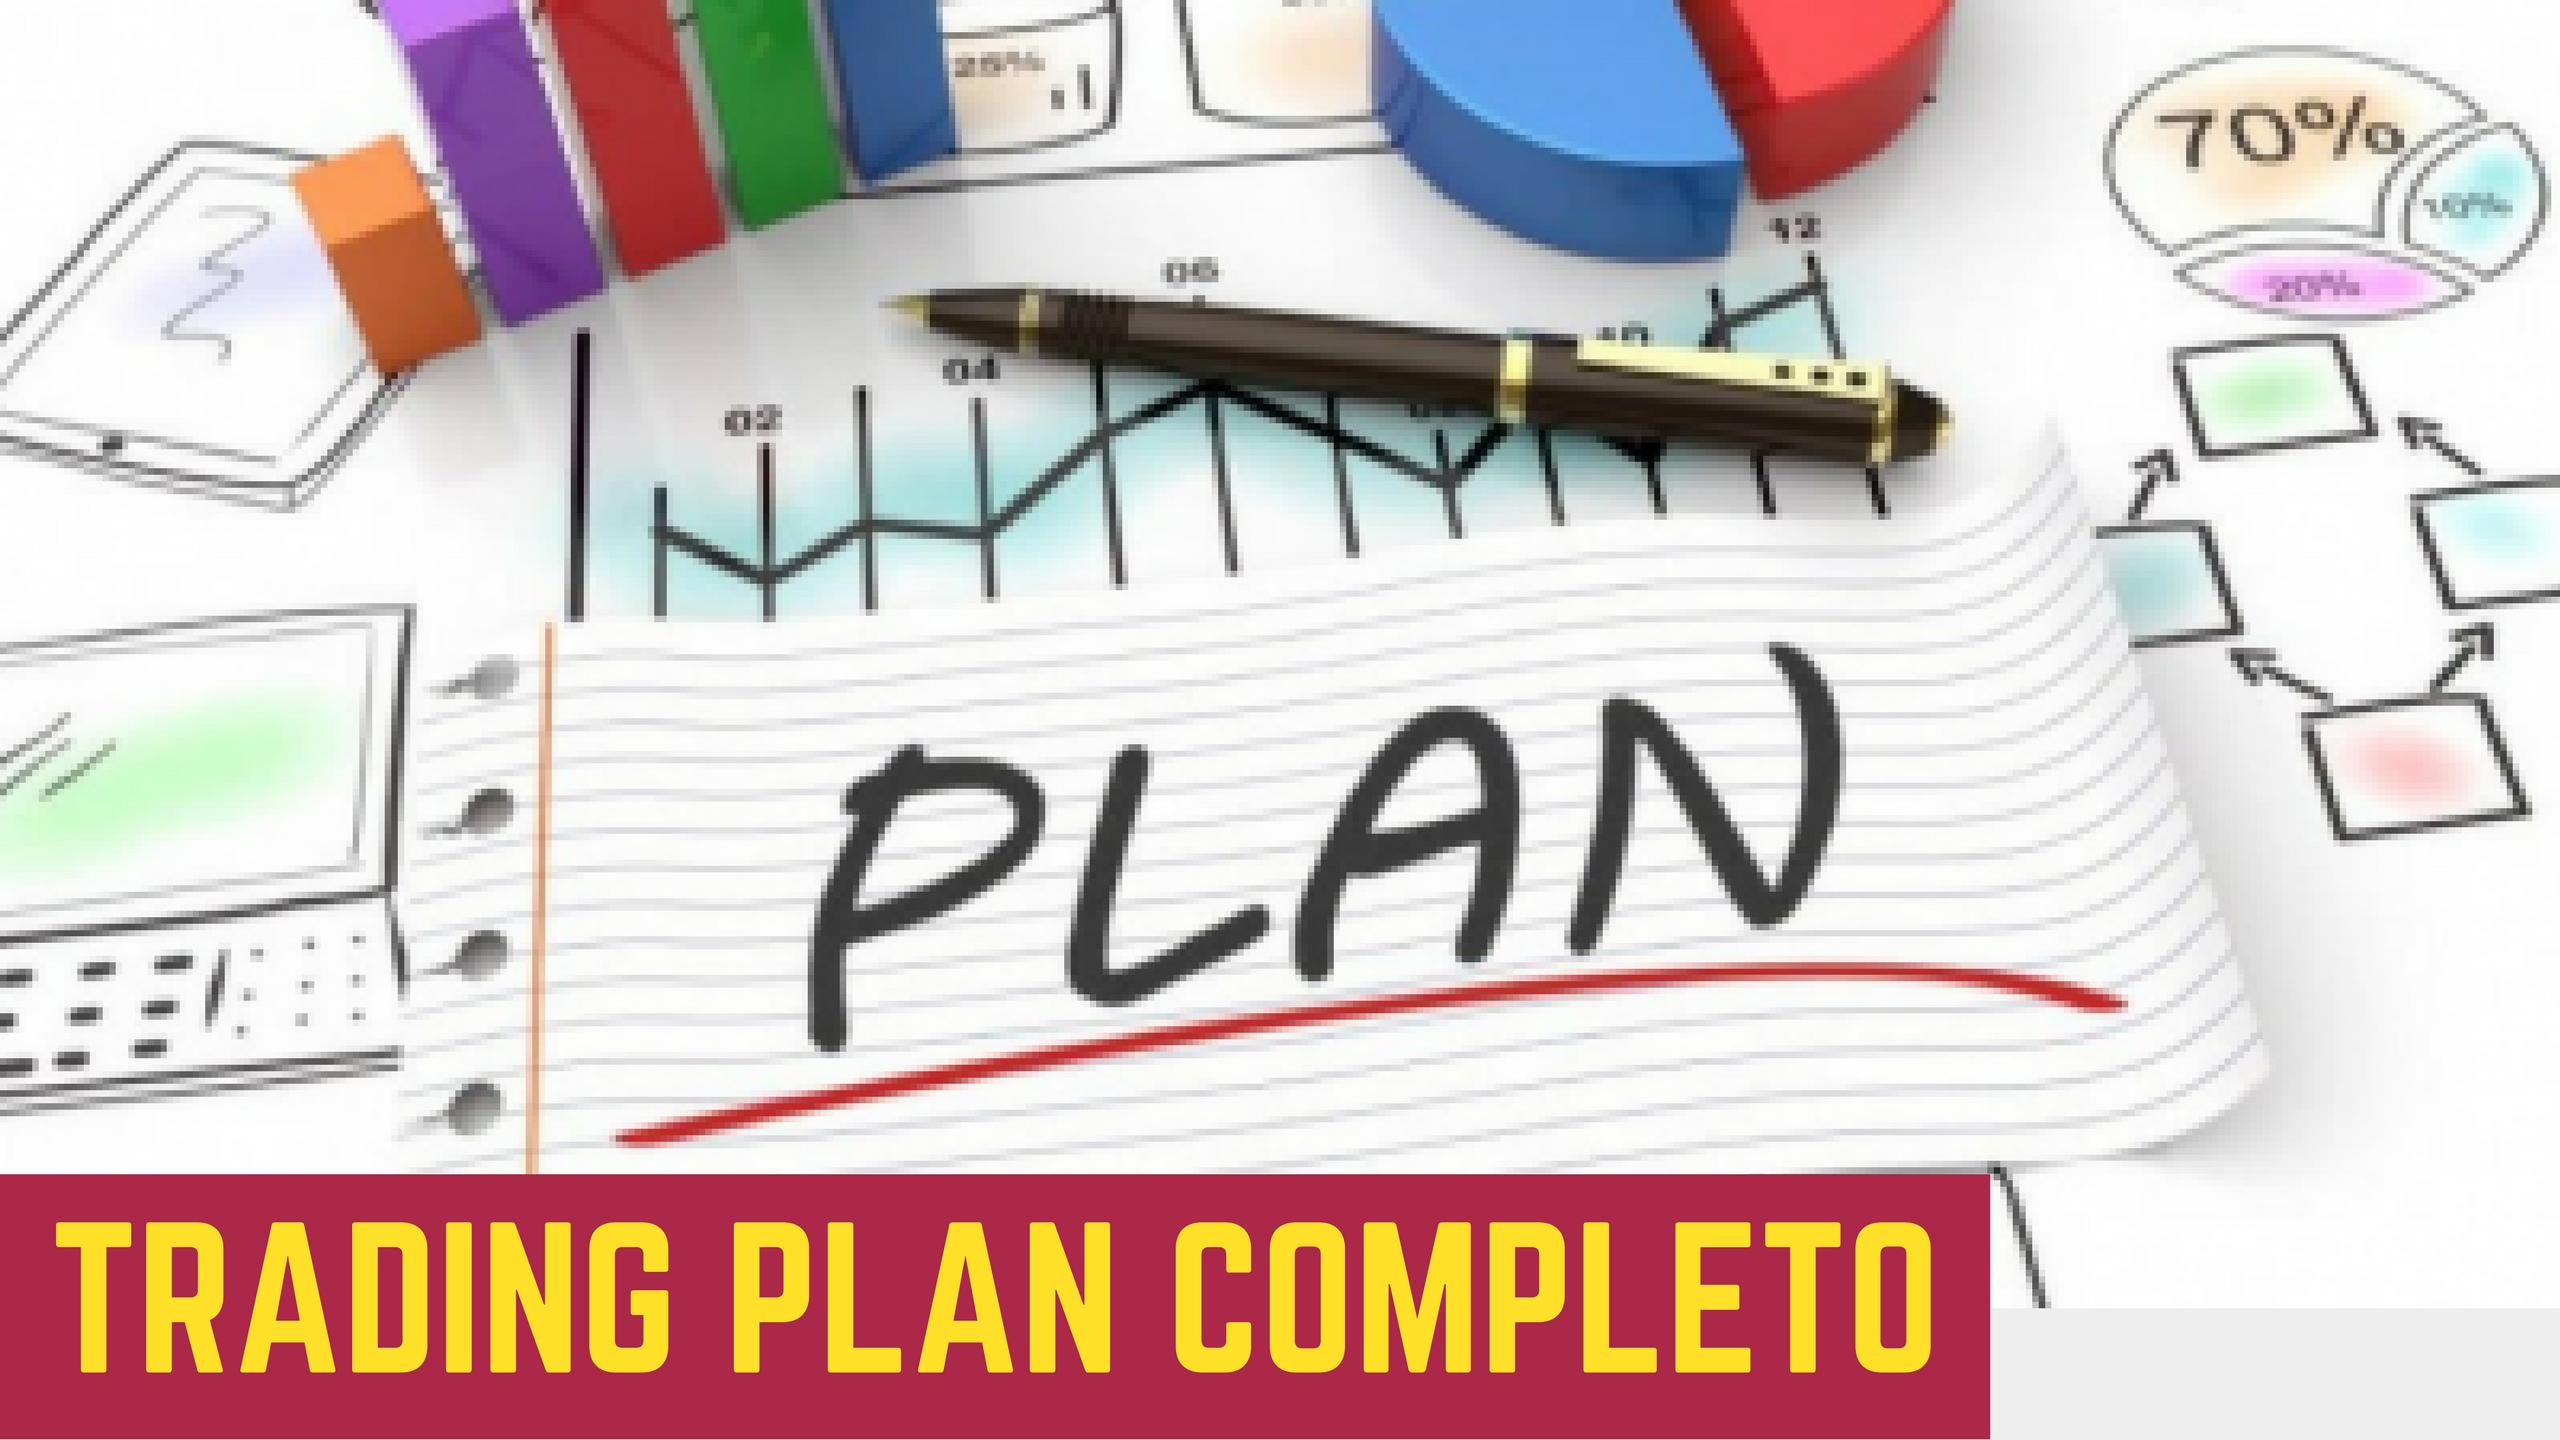 Plan de Trading ¿Cómo hacer un trading plan completo y ganador? Aquí tendrás el paso a paso